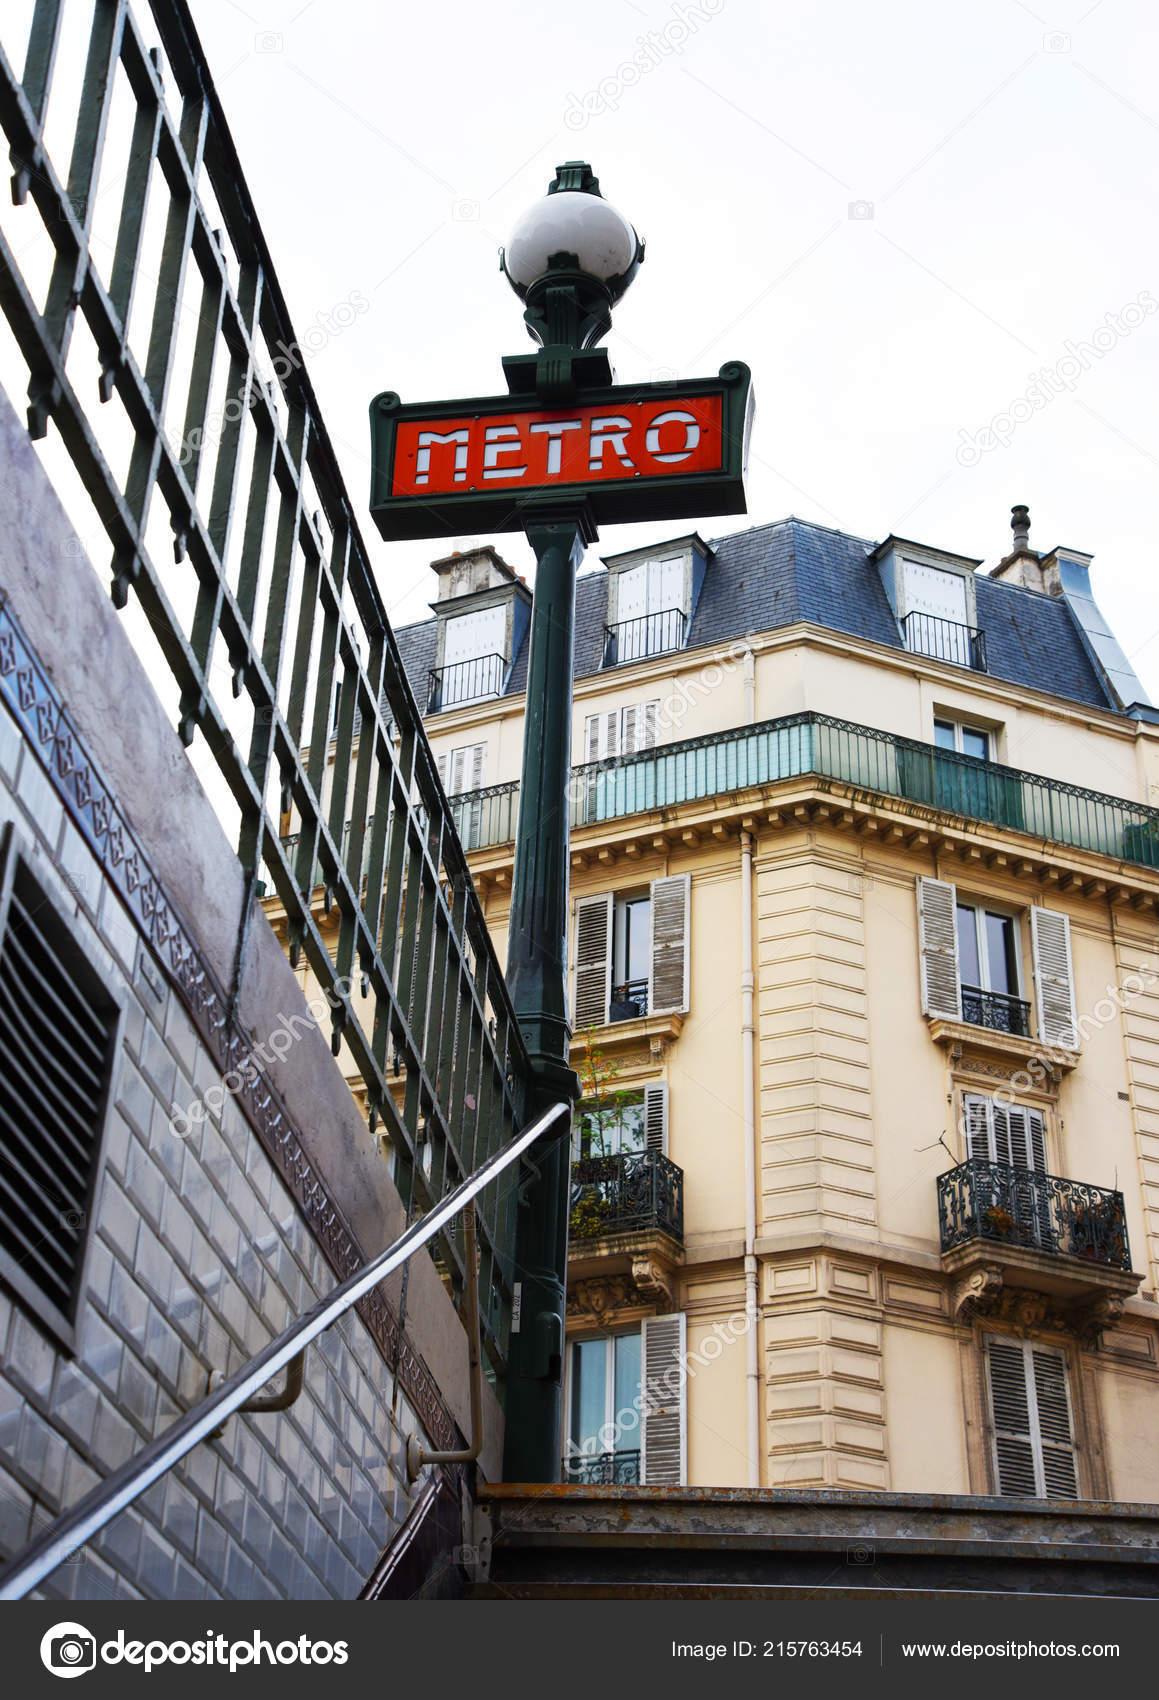 Plaque Metro Parisien Deco word metro plate designed art nouveau art deco style blue